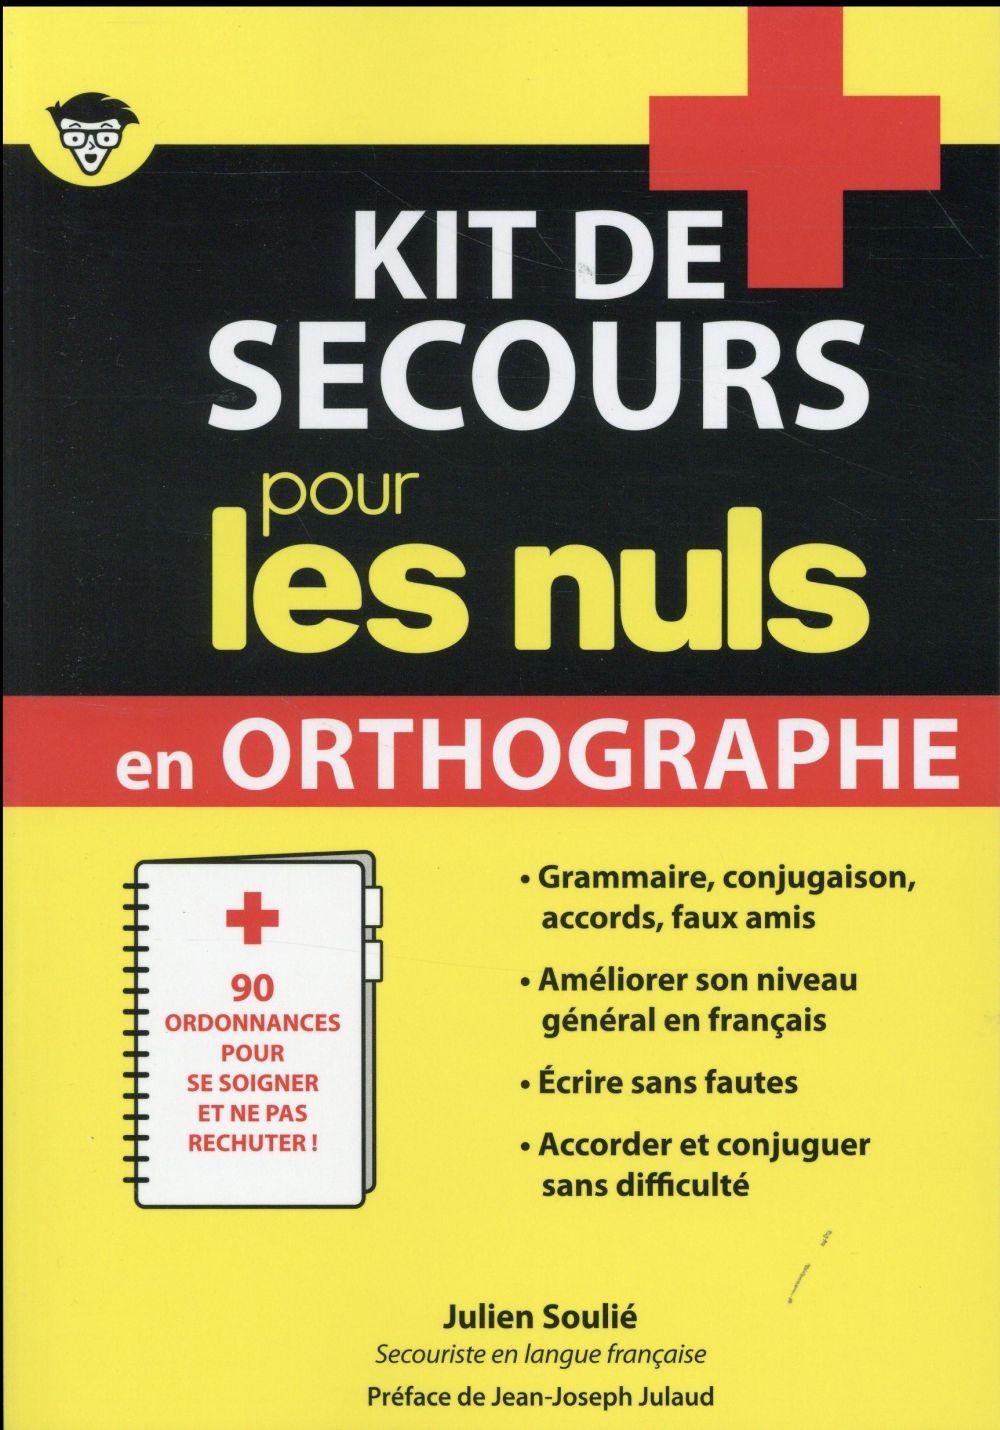 KIT DE SECOURS POUR LES NULS EN ORTHOGRAPHE